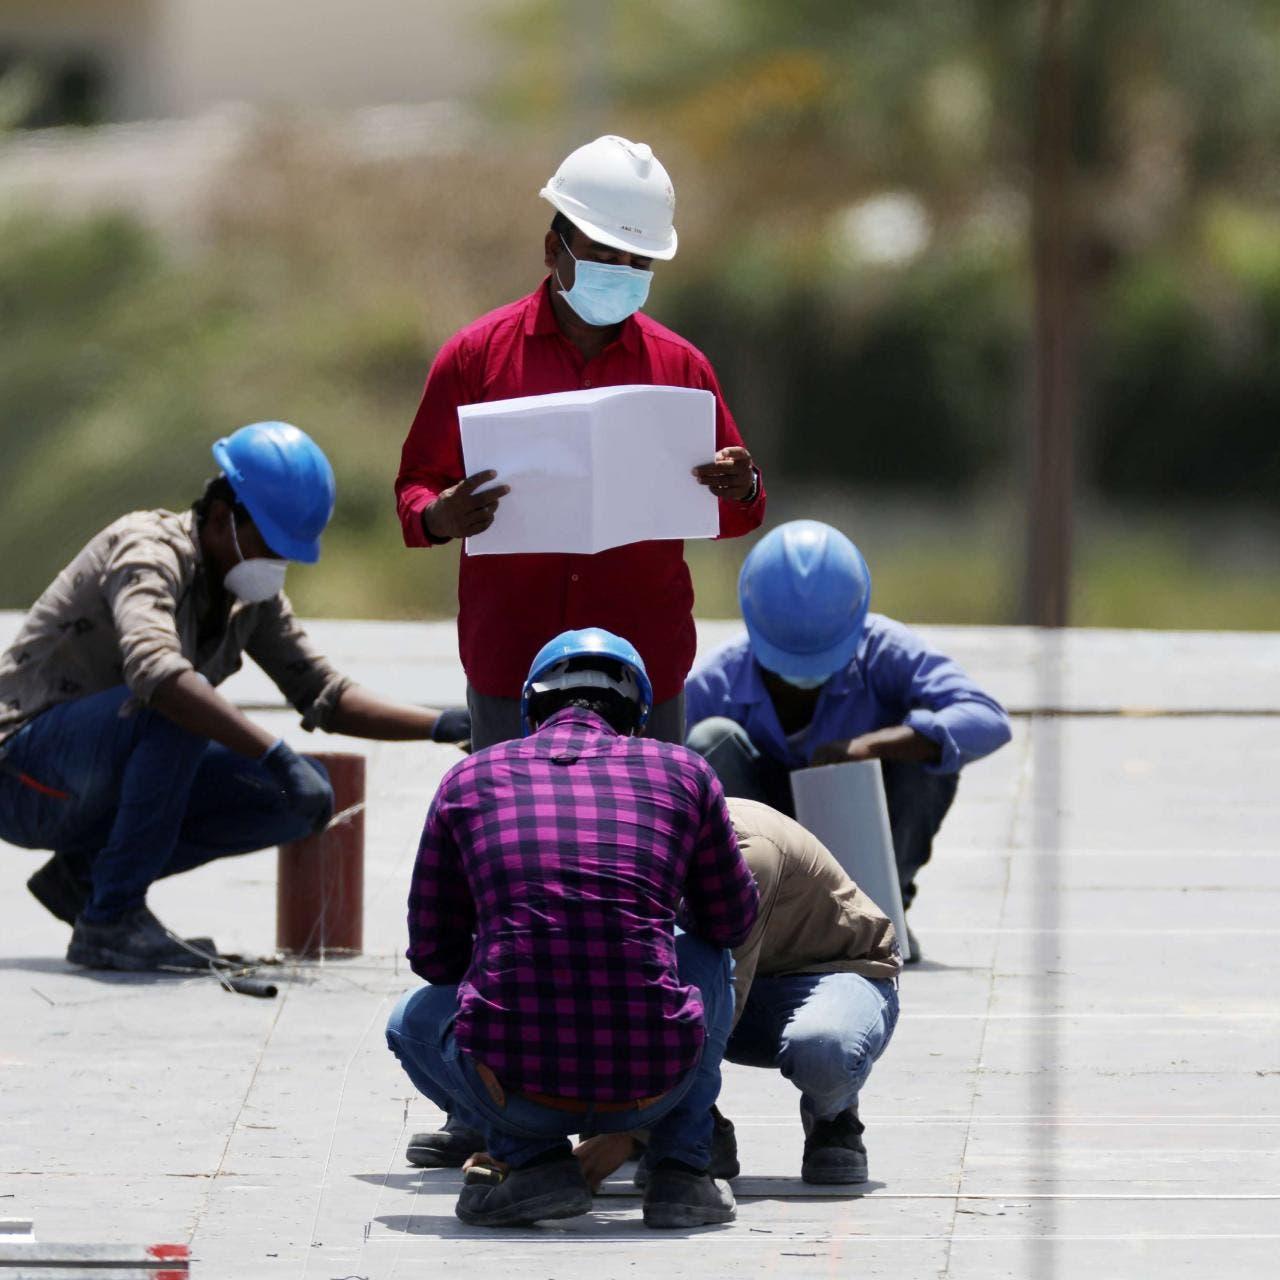 8 شروط لحرية انتقال العمالةالوافدة في السعودية